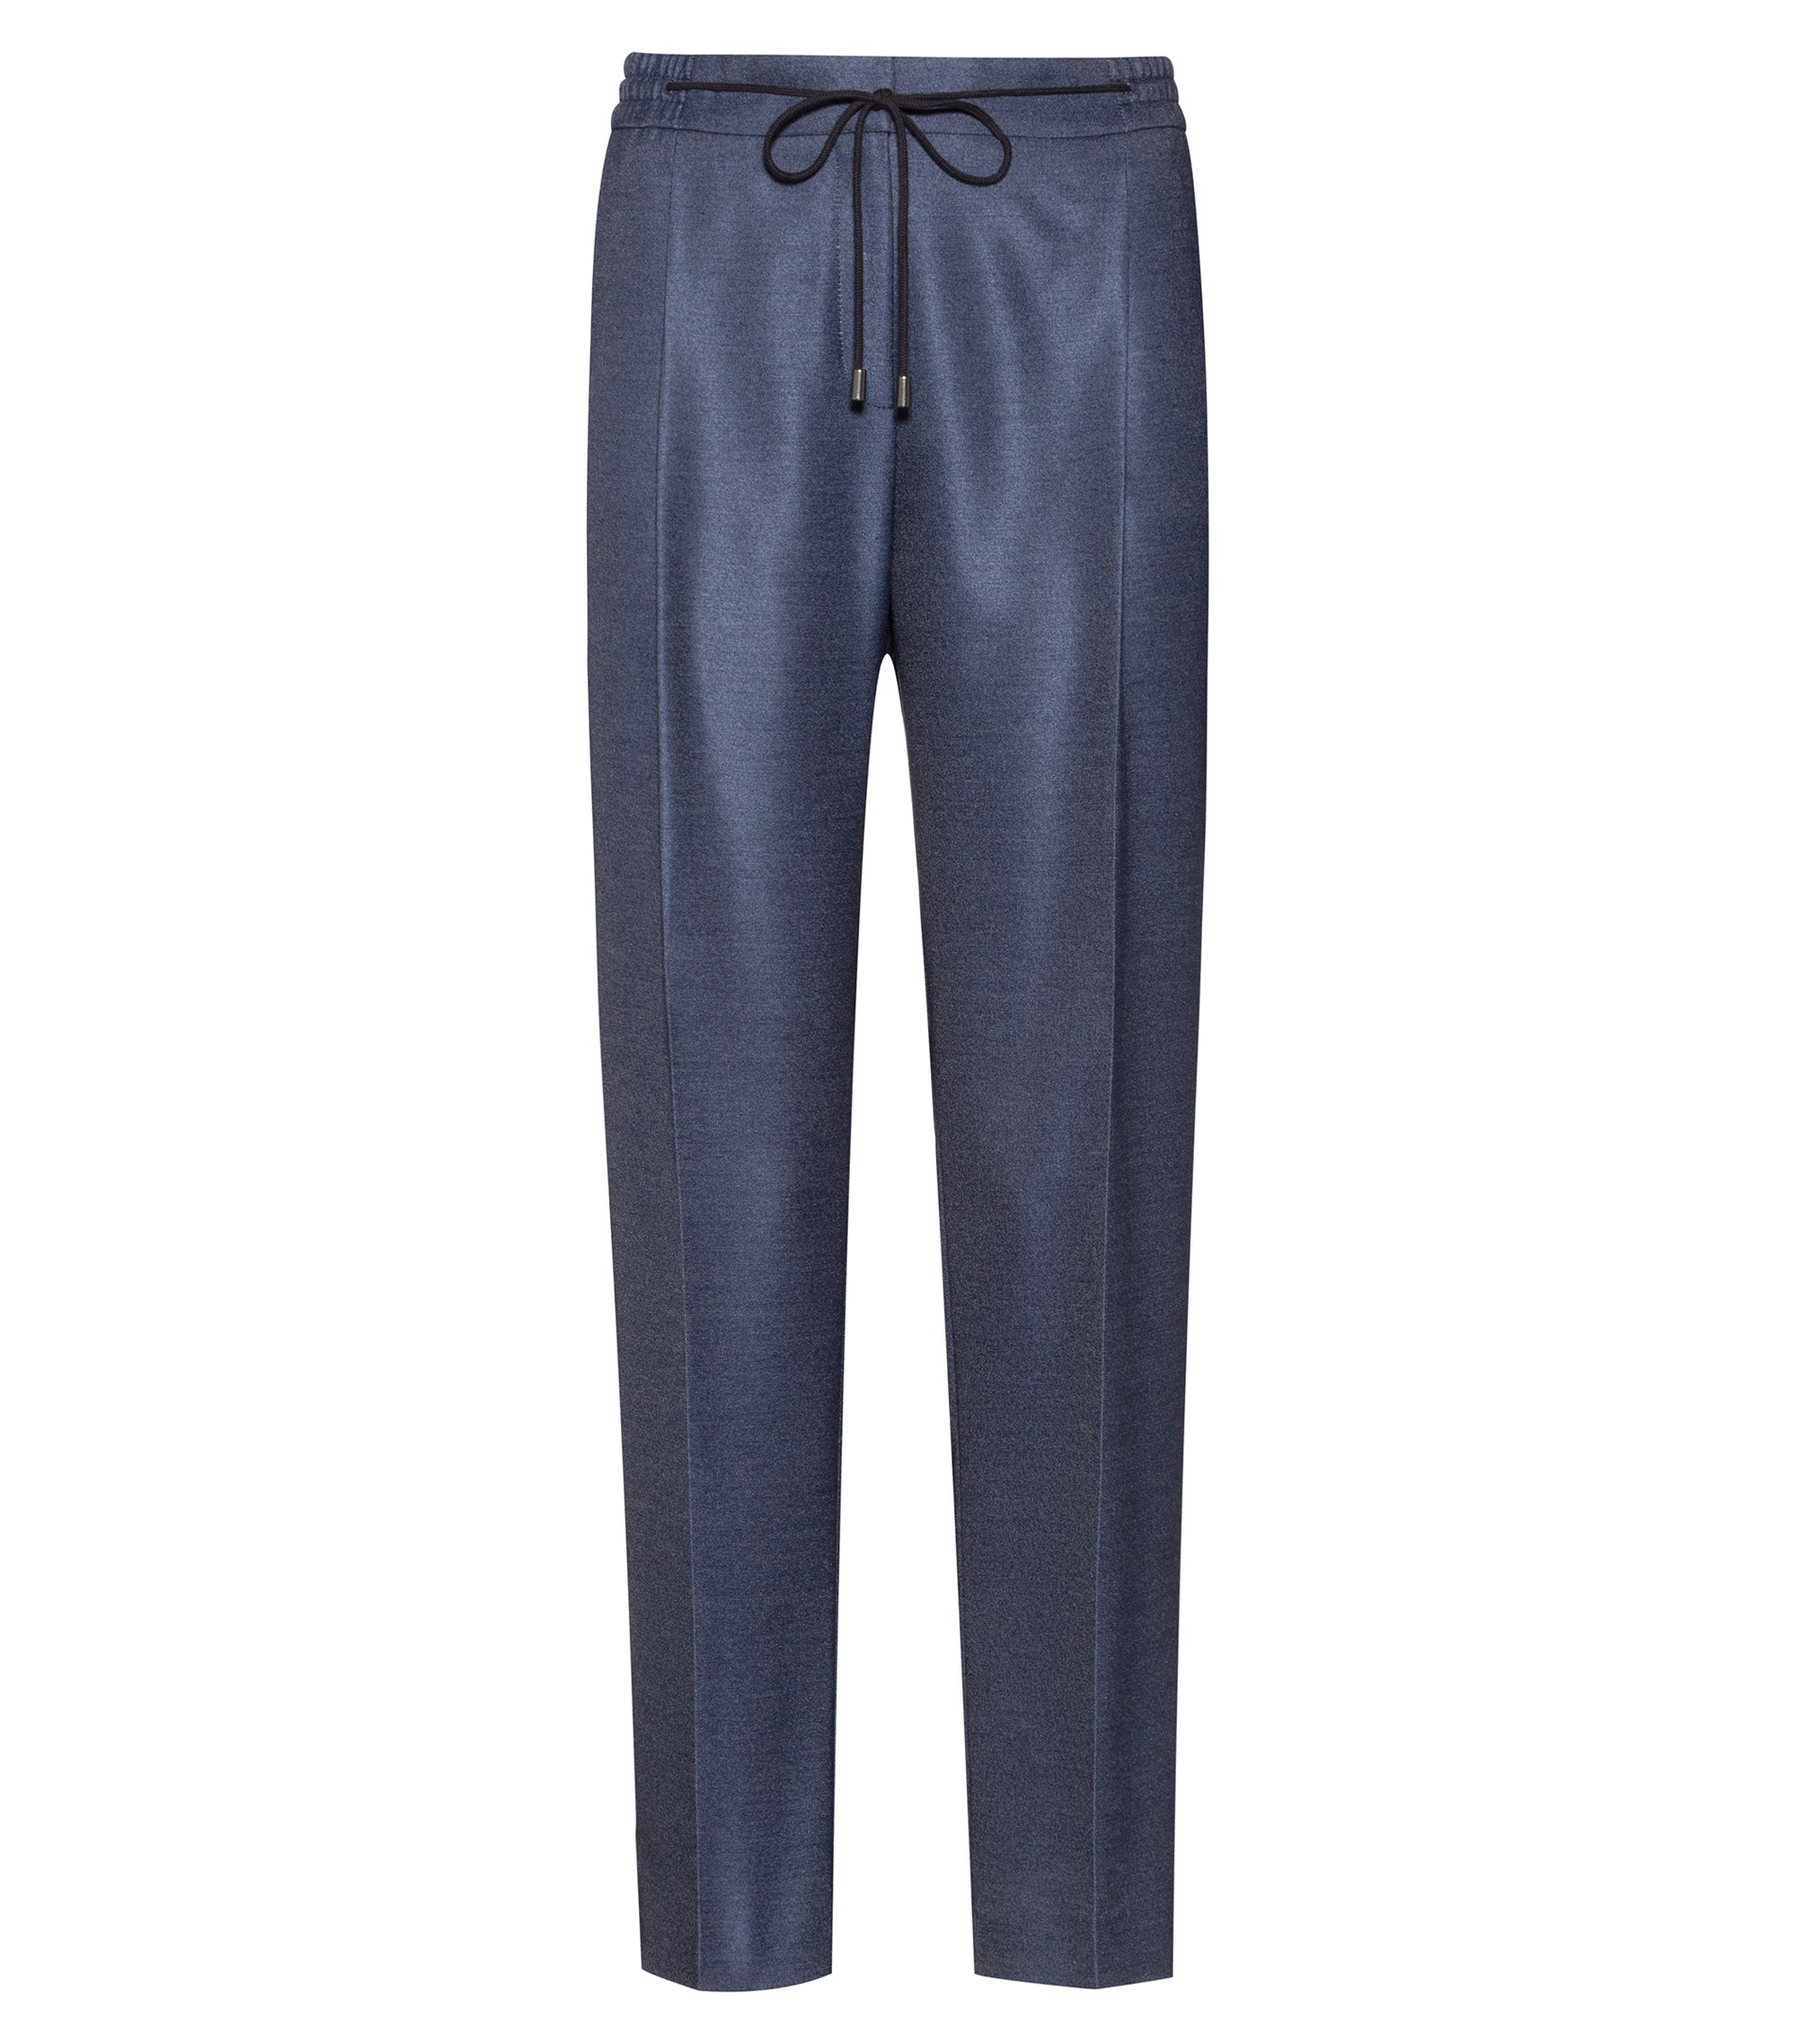 Pantalones relaxed fit en tejido elástico con cintura con cordón, Azul oscuro